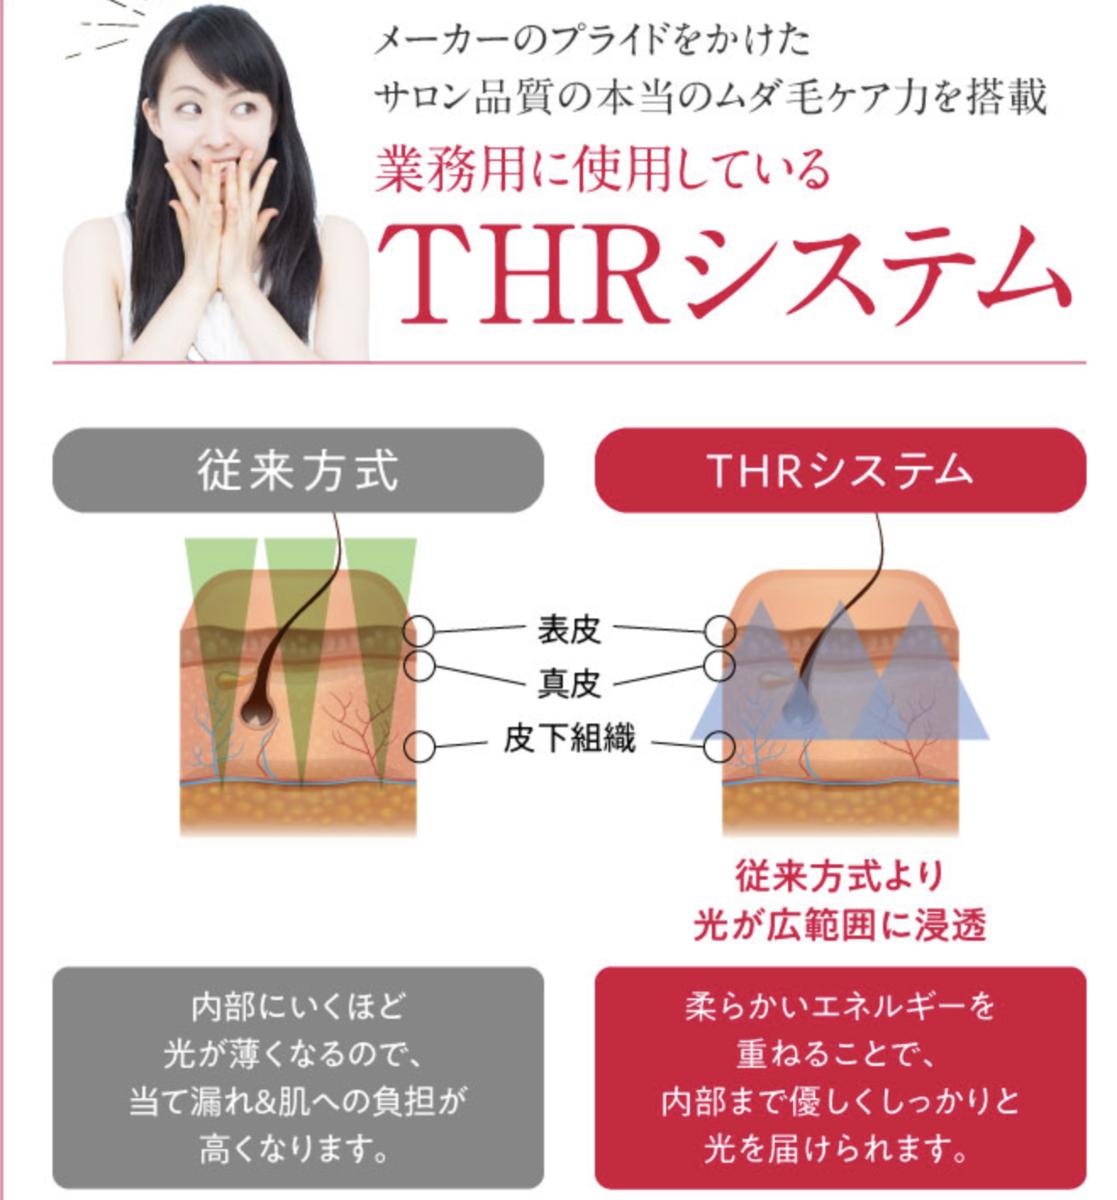 f:id:yuzubaferret:20210919235555p:plain